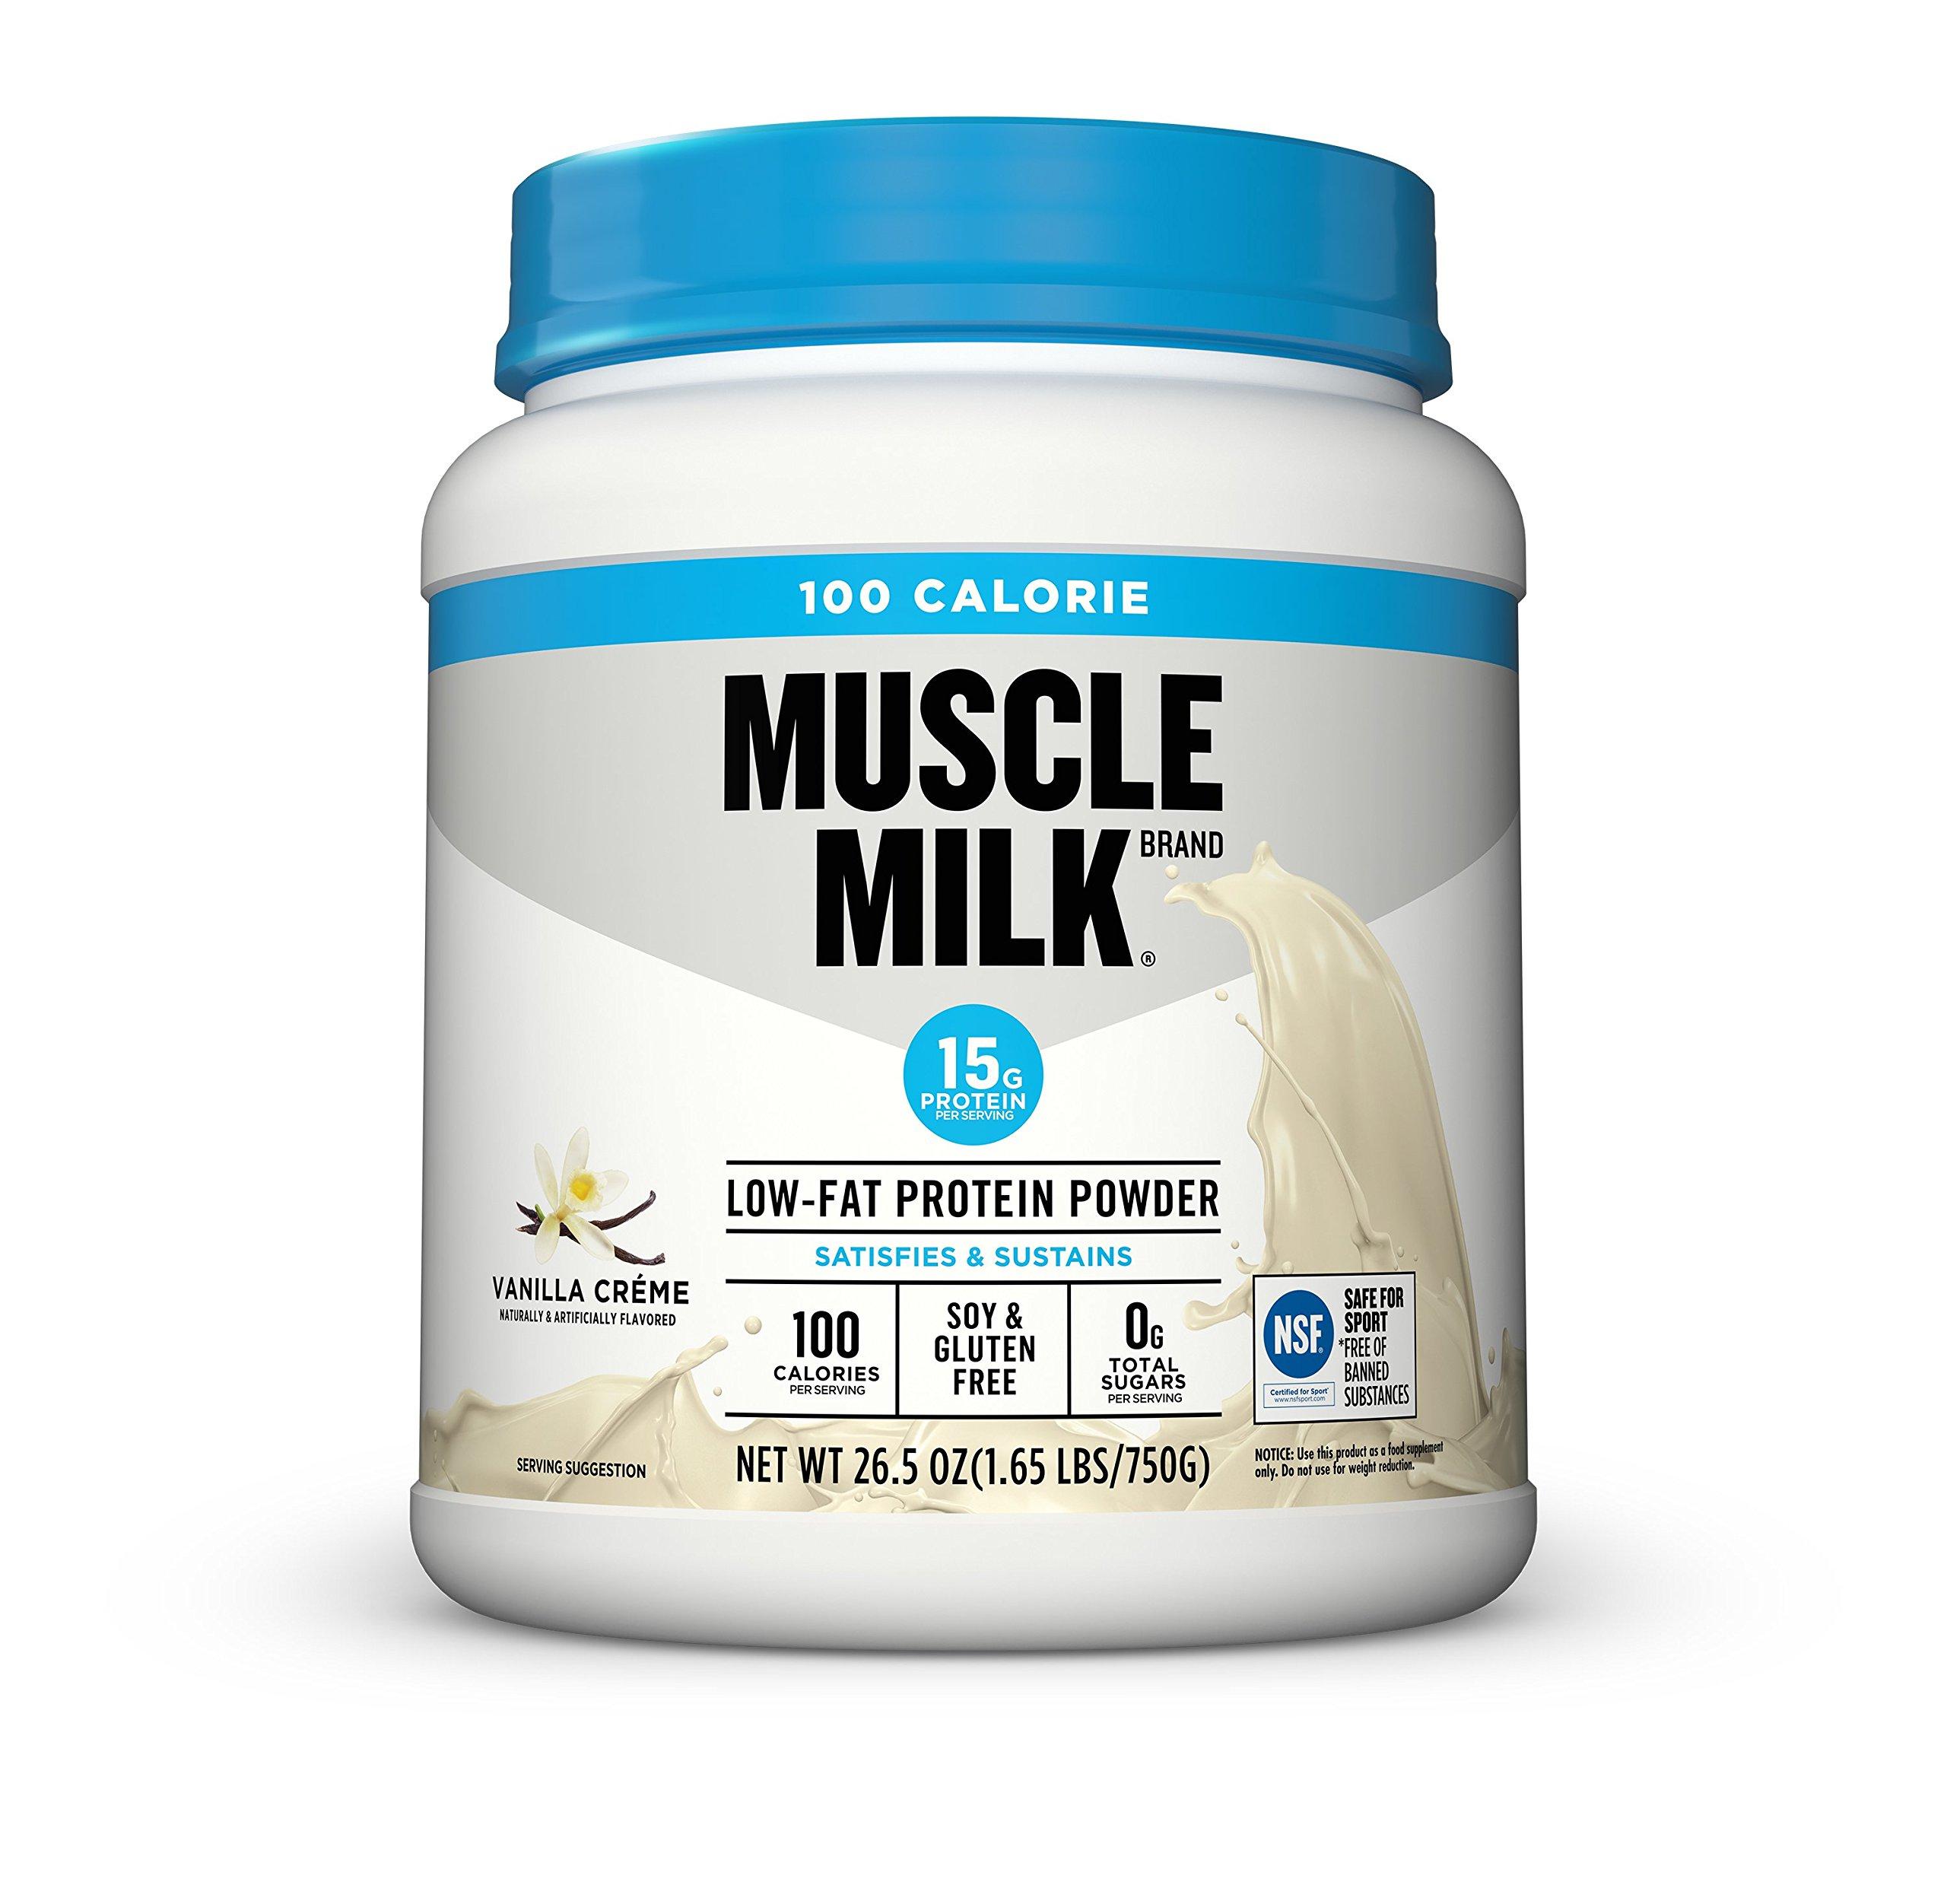 Muscle Milk 100 Calorie Protein Powder, Vanilla Crème, 15g Protein, 1.65 Pound by Cytosport